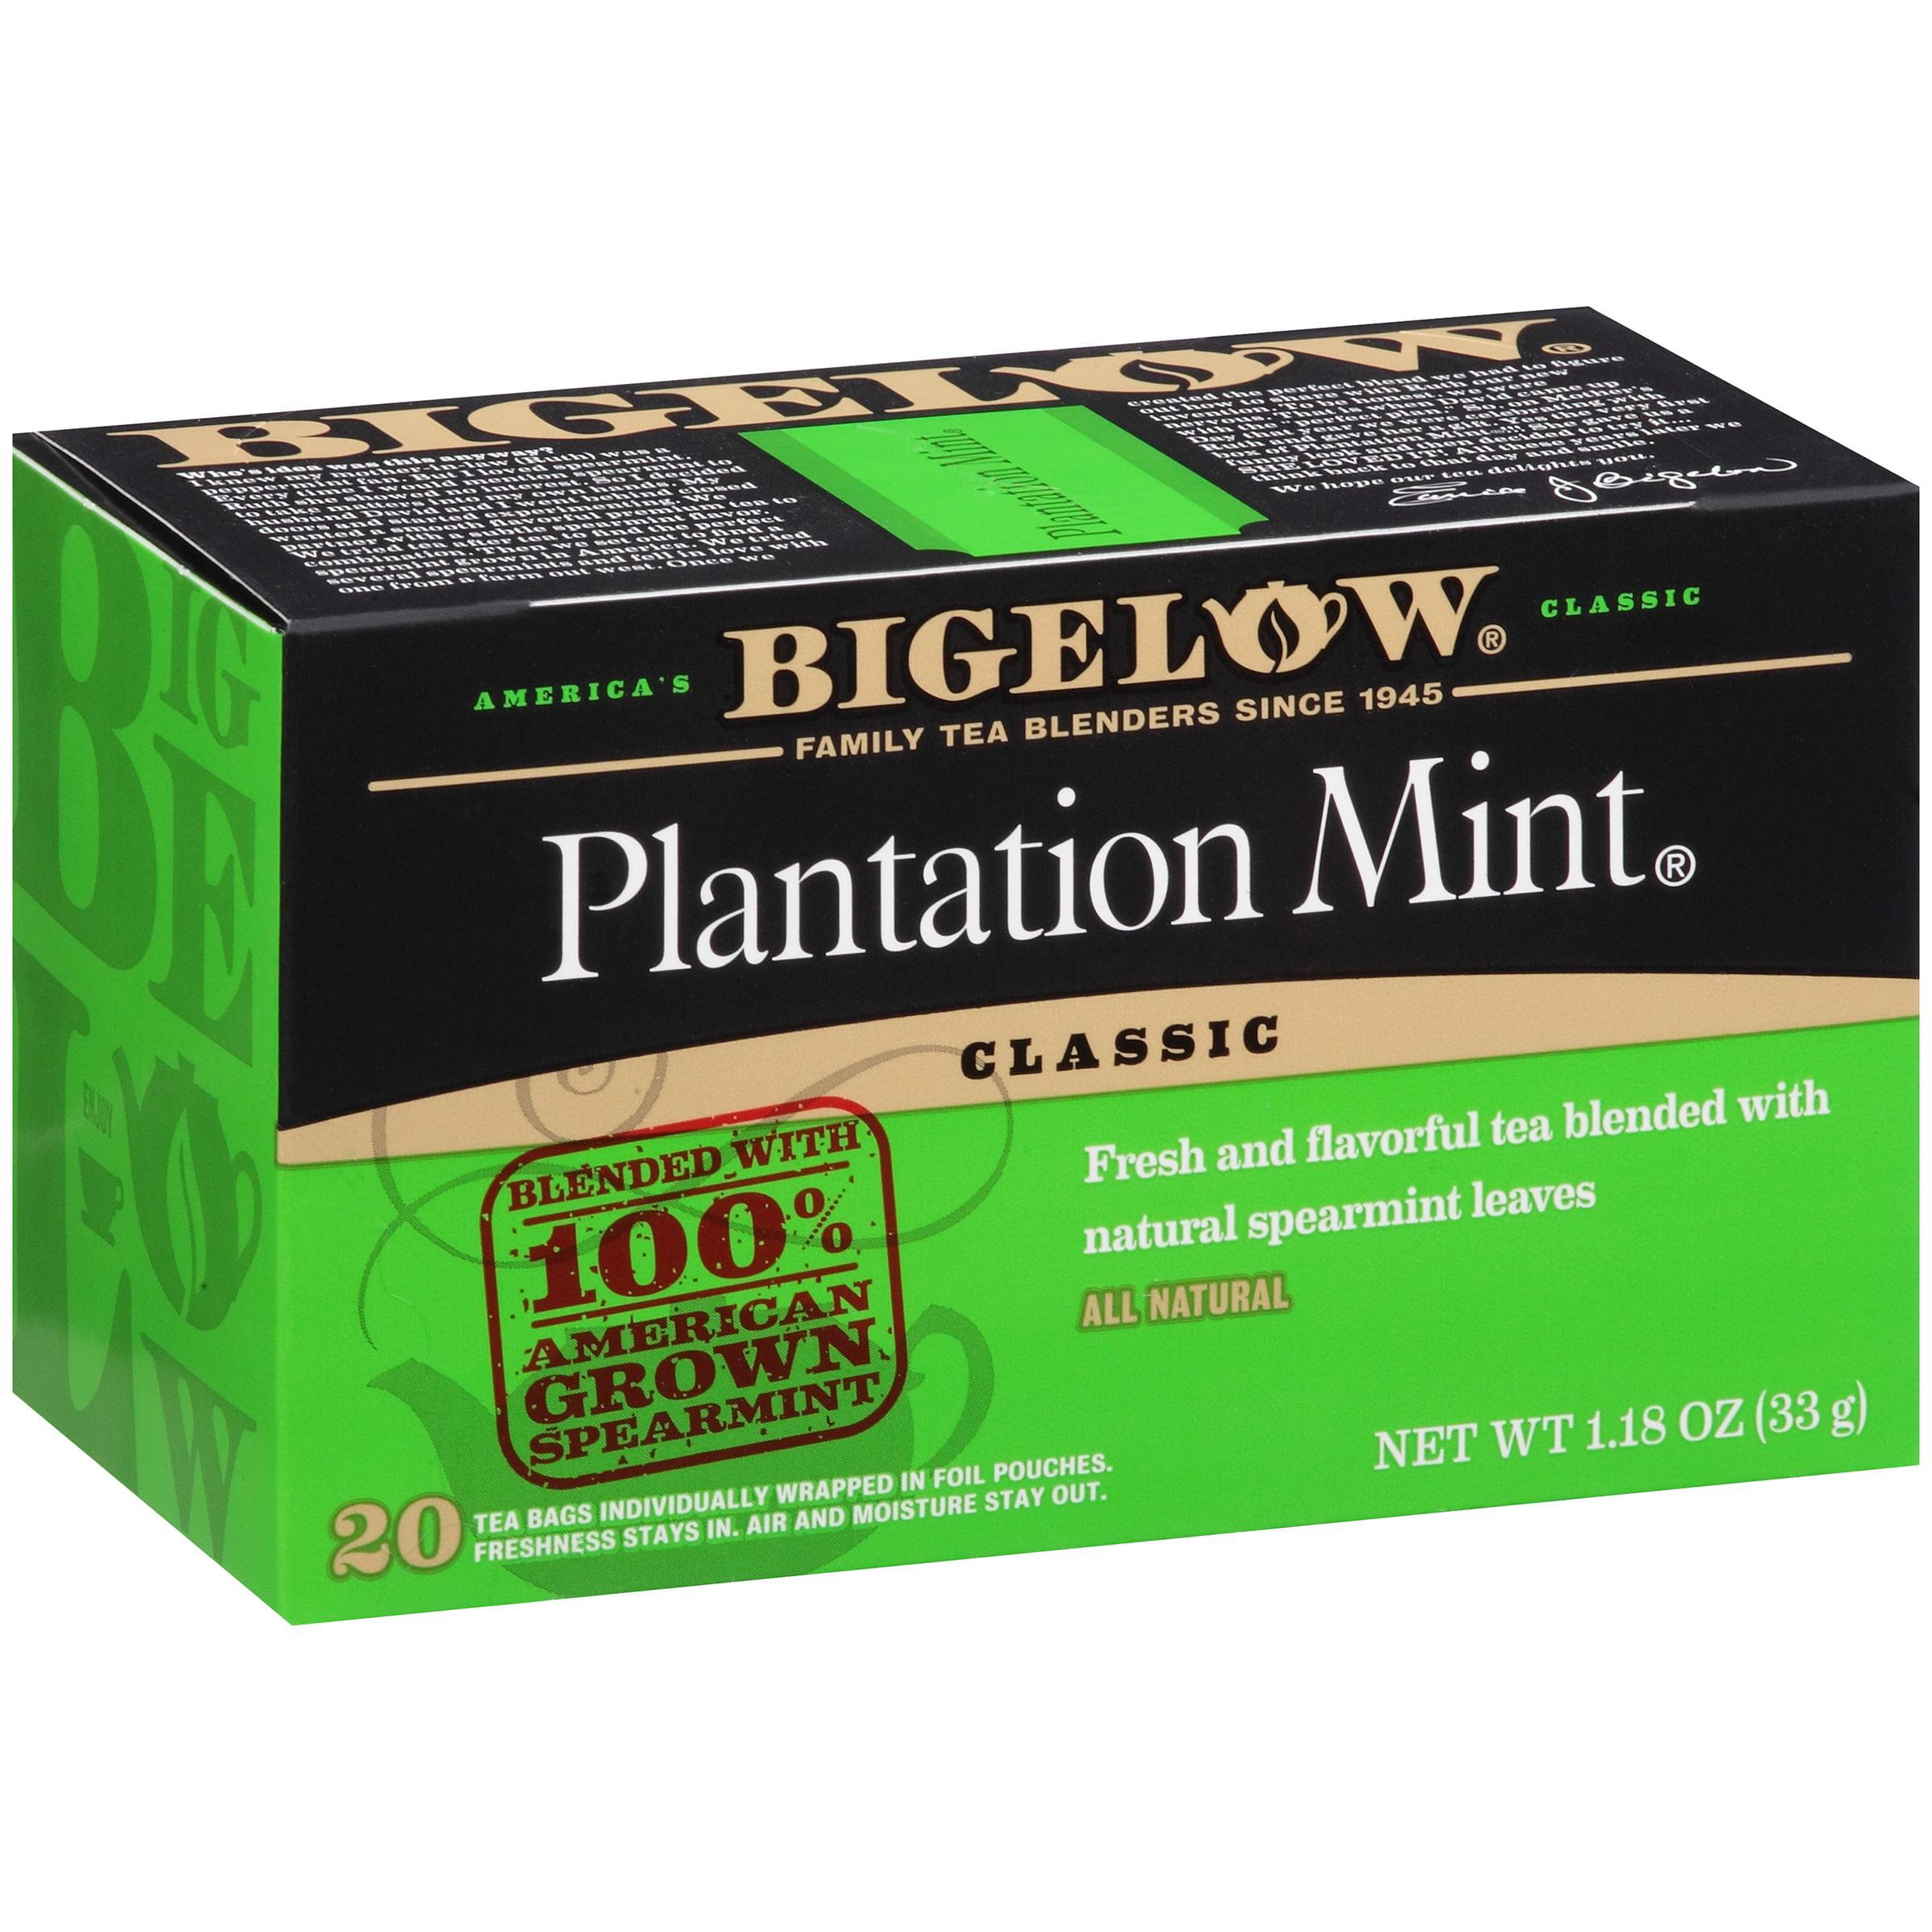 Bigelow® Plantation Mint® Black Tea 20 ct Box